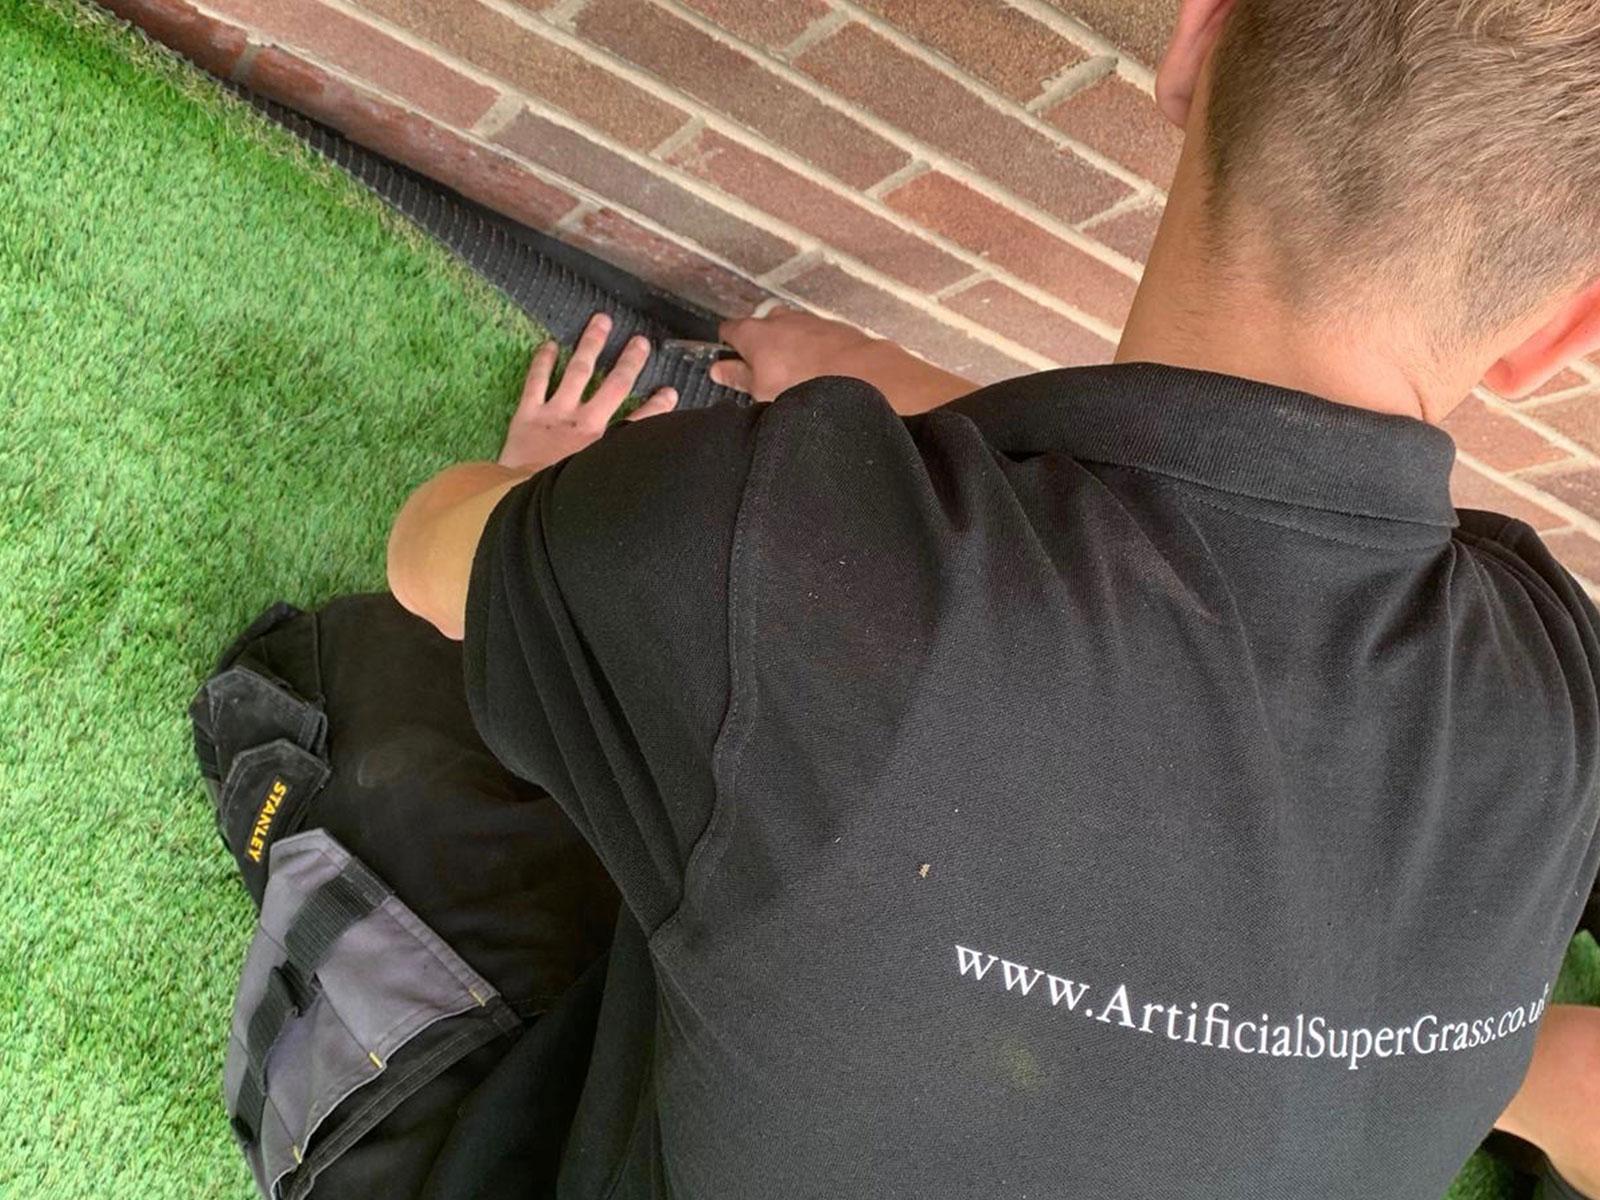 Artificial Grass for Dogs Darfield Artificial Super Grass